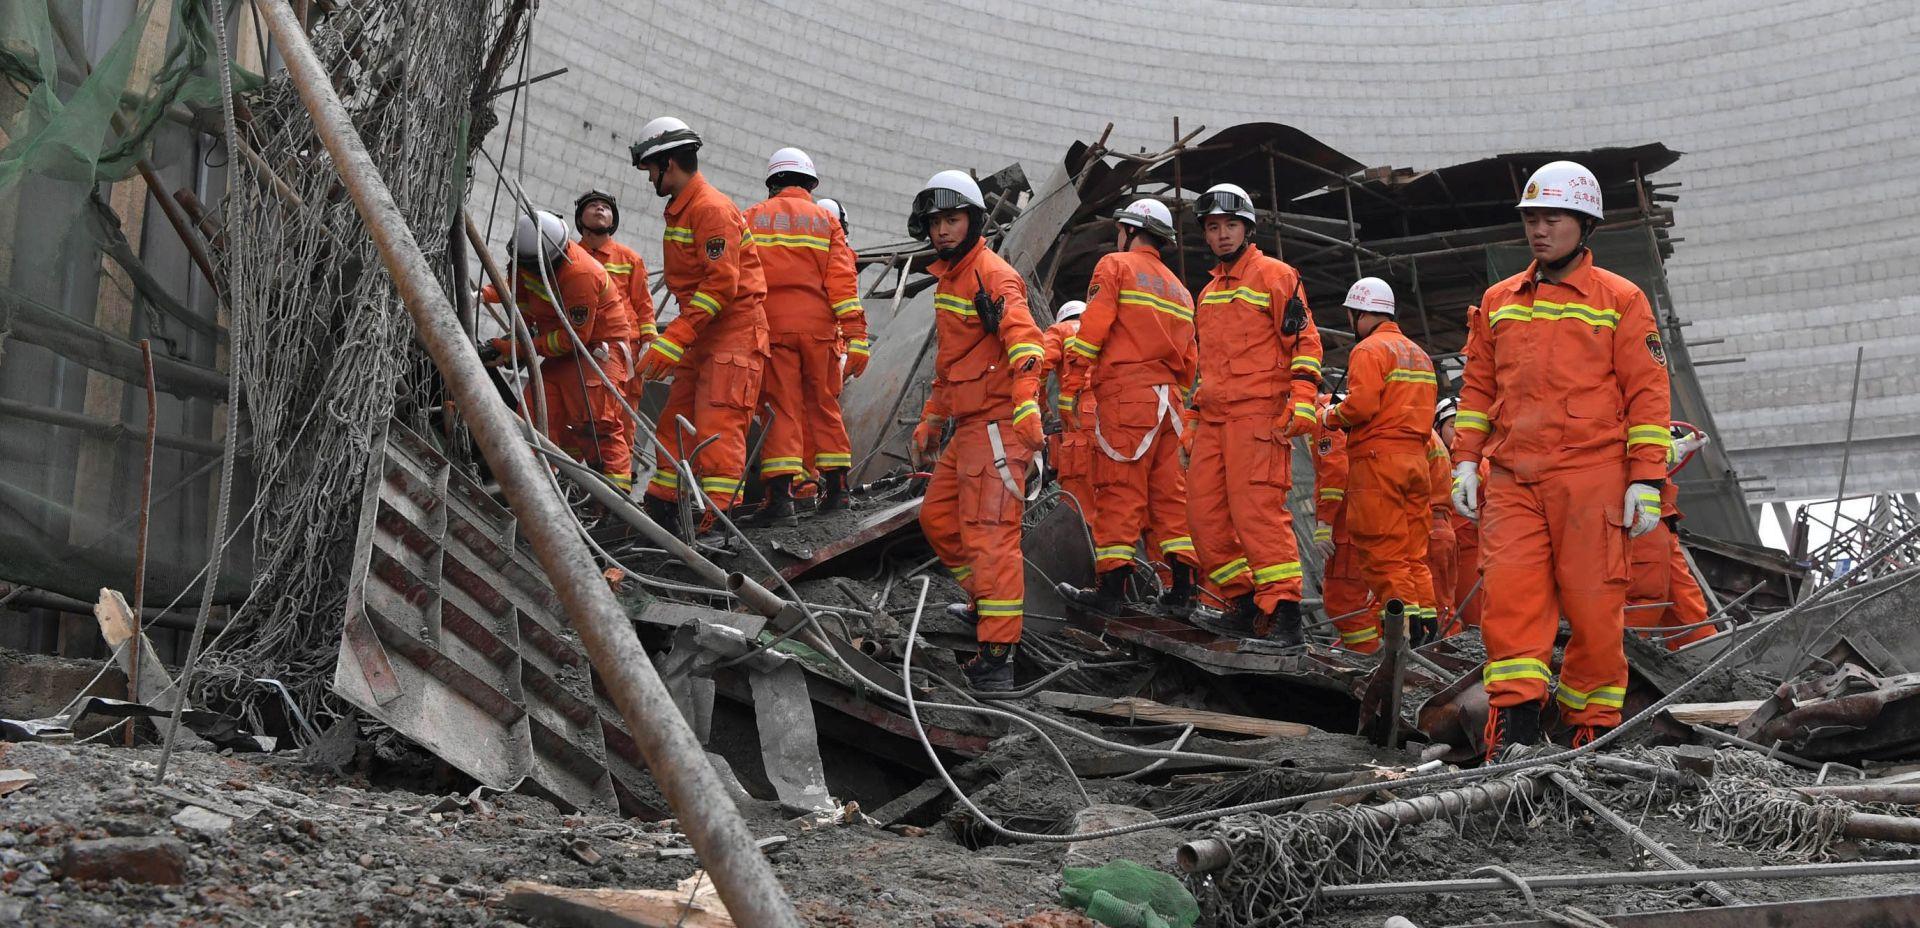 Potres pogodio Kinu, poginula najmanje jedna osoba